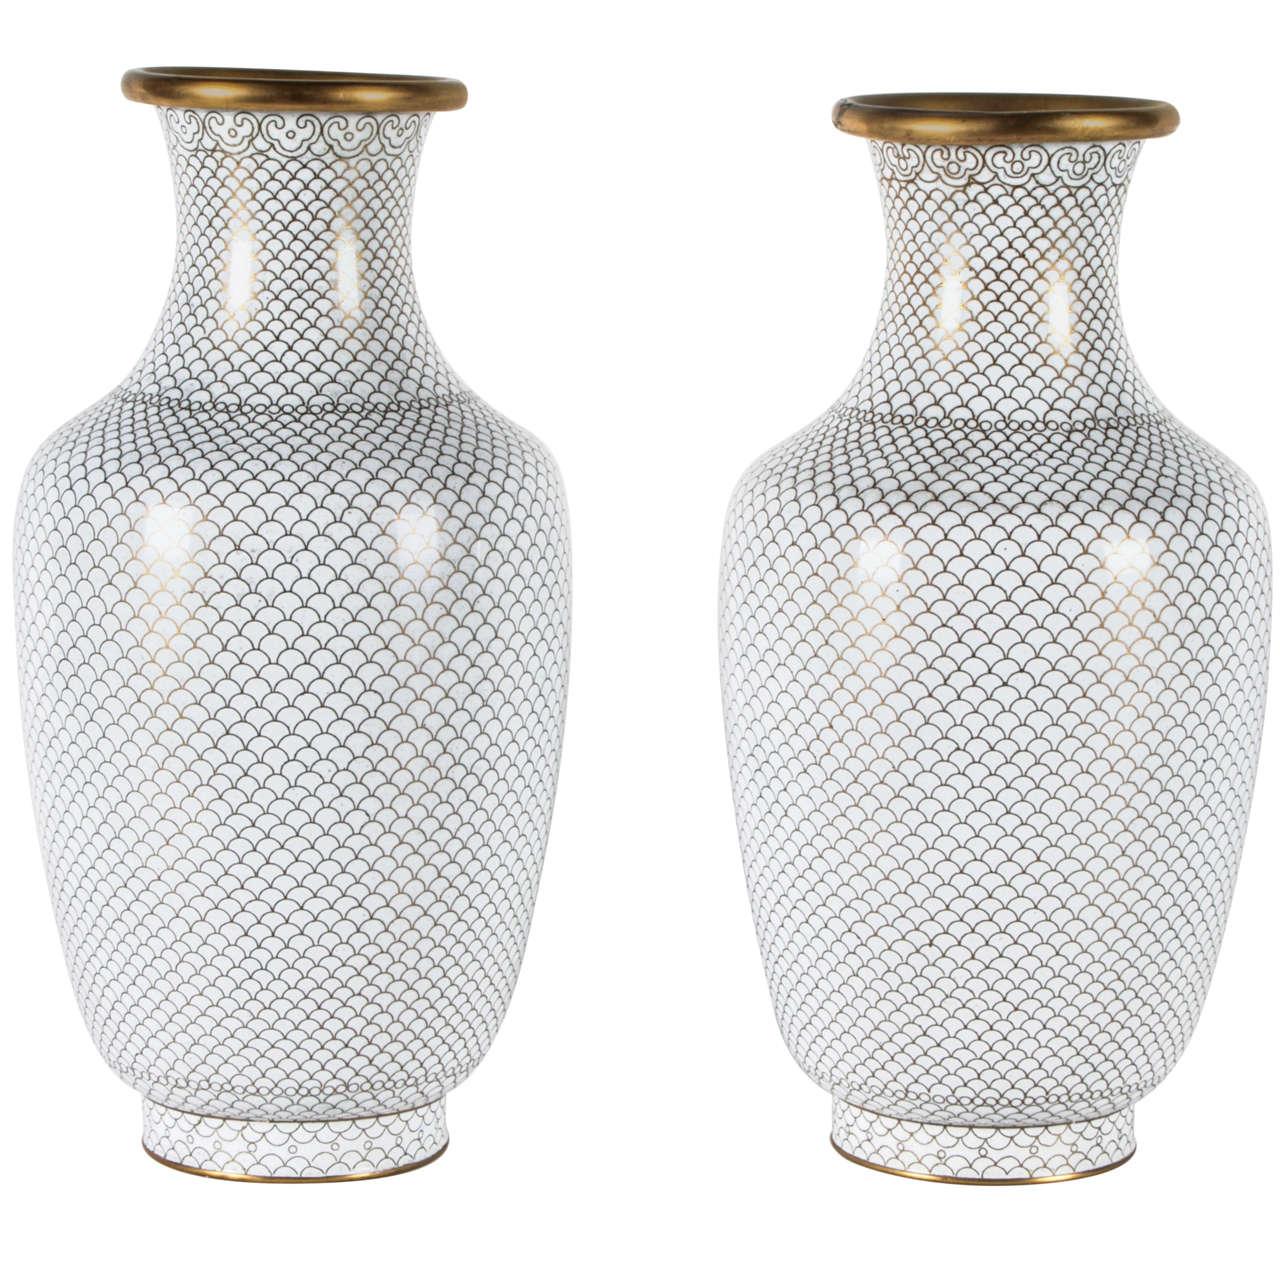 Pair of White Cloisonne Vases 1